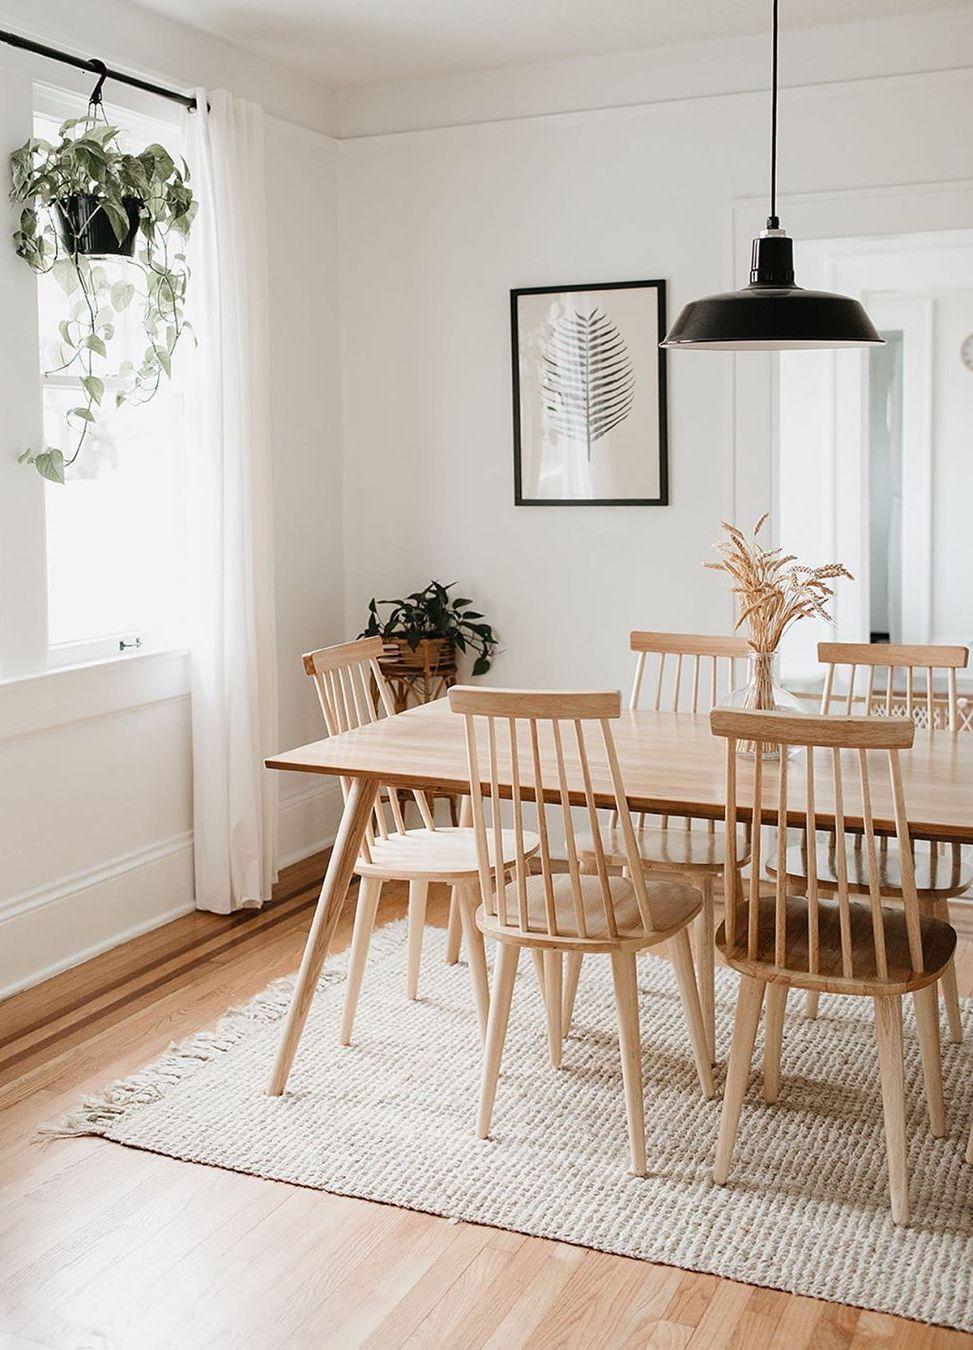 Neutral dining chairs via @carlanatalia